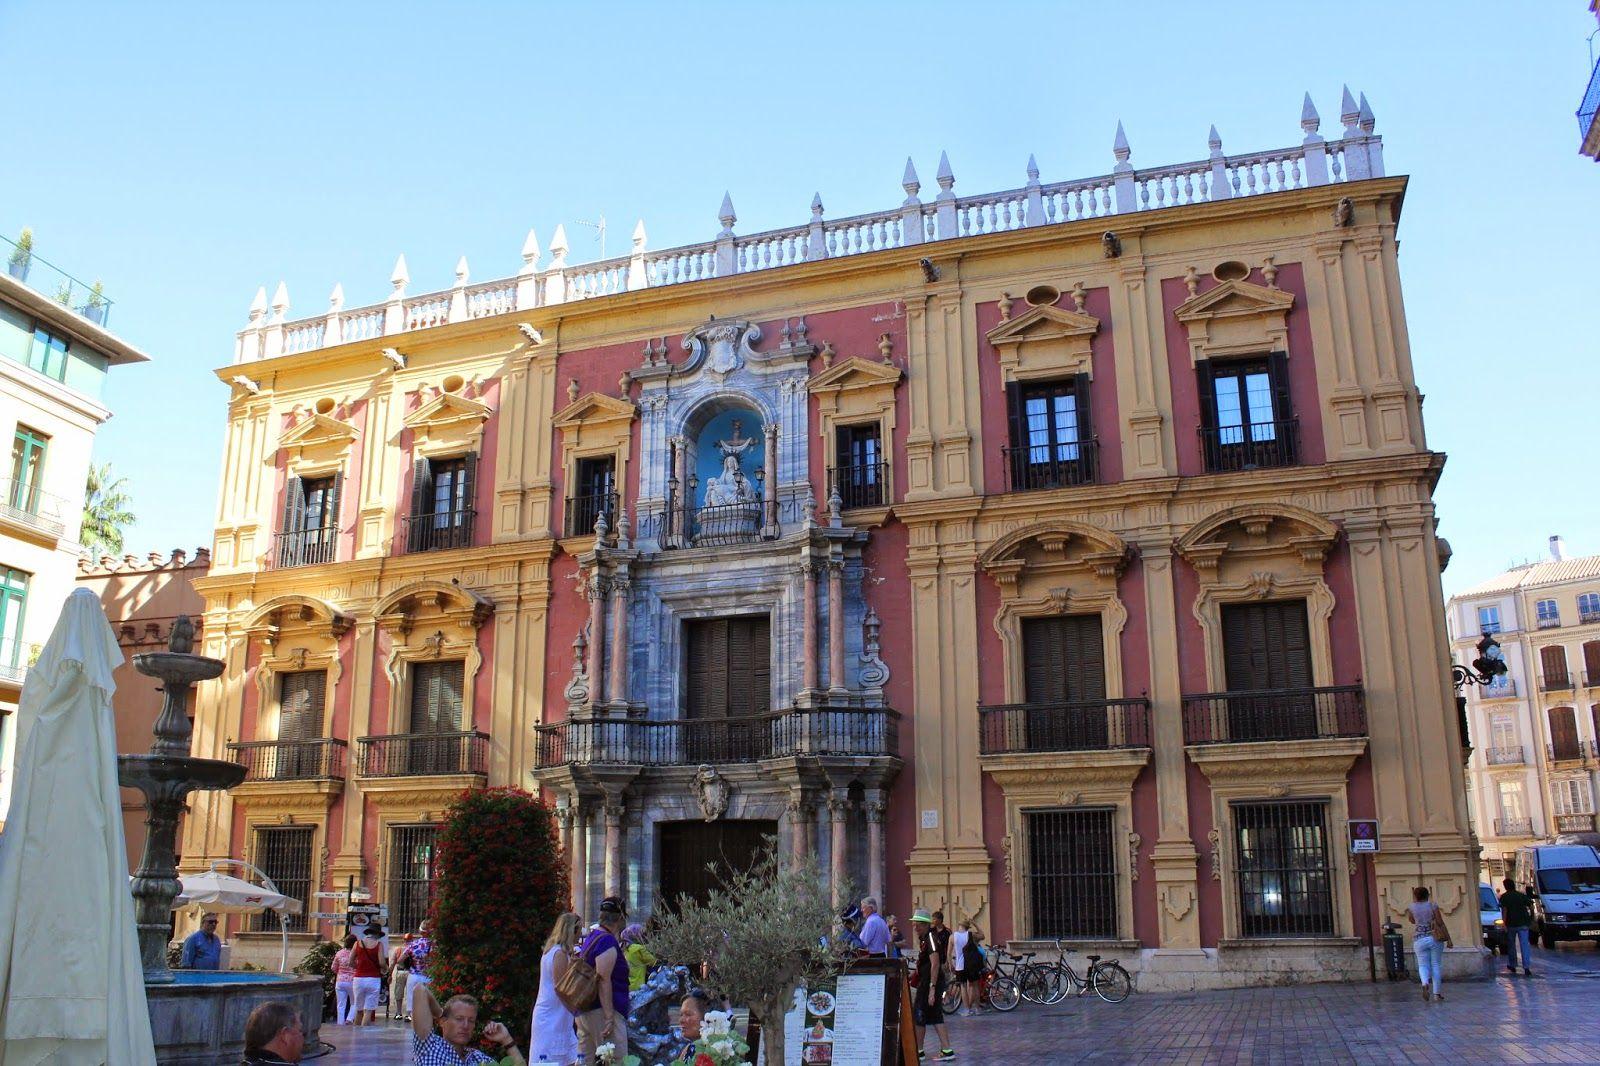 Maravillas Ocultas De Espana Malaga Al Paso La Catedral Y La Alcazaba Malaga Ciudad De Malaga Arquitectura De Espana